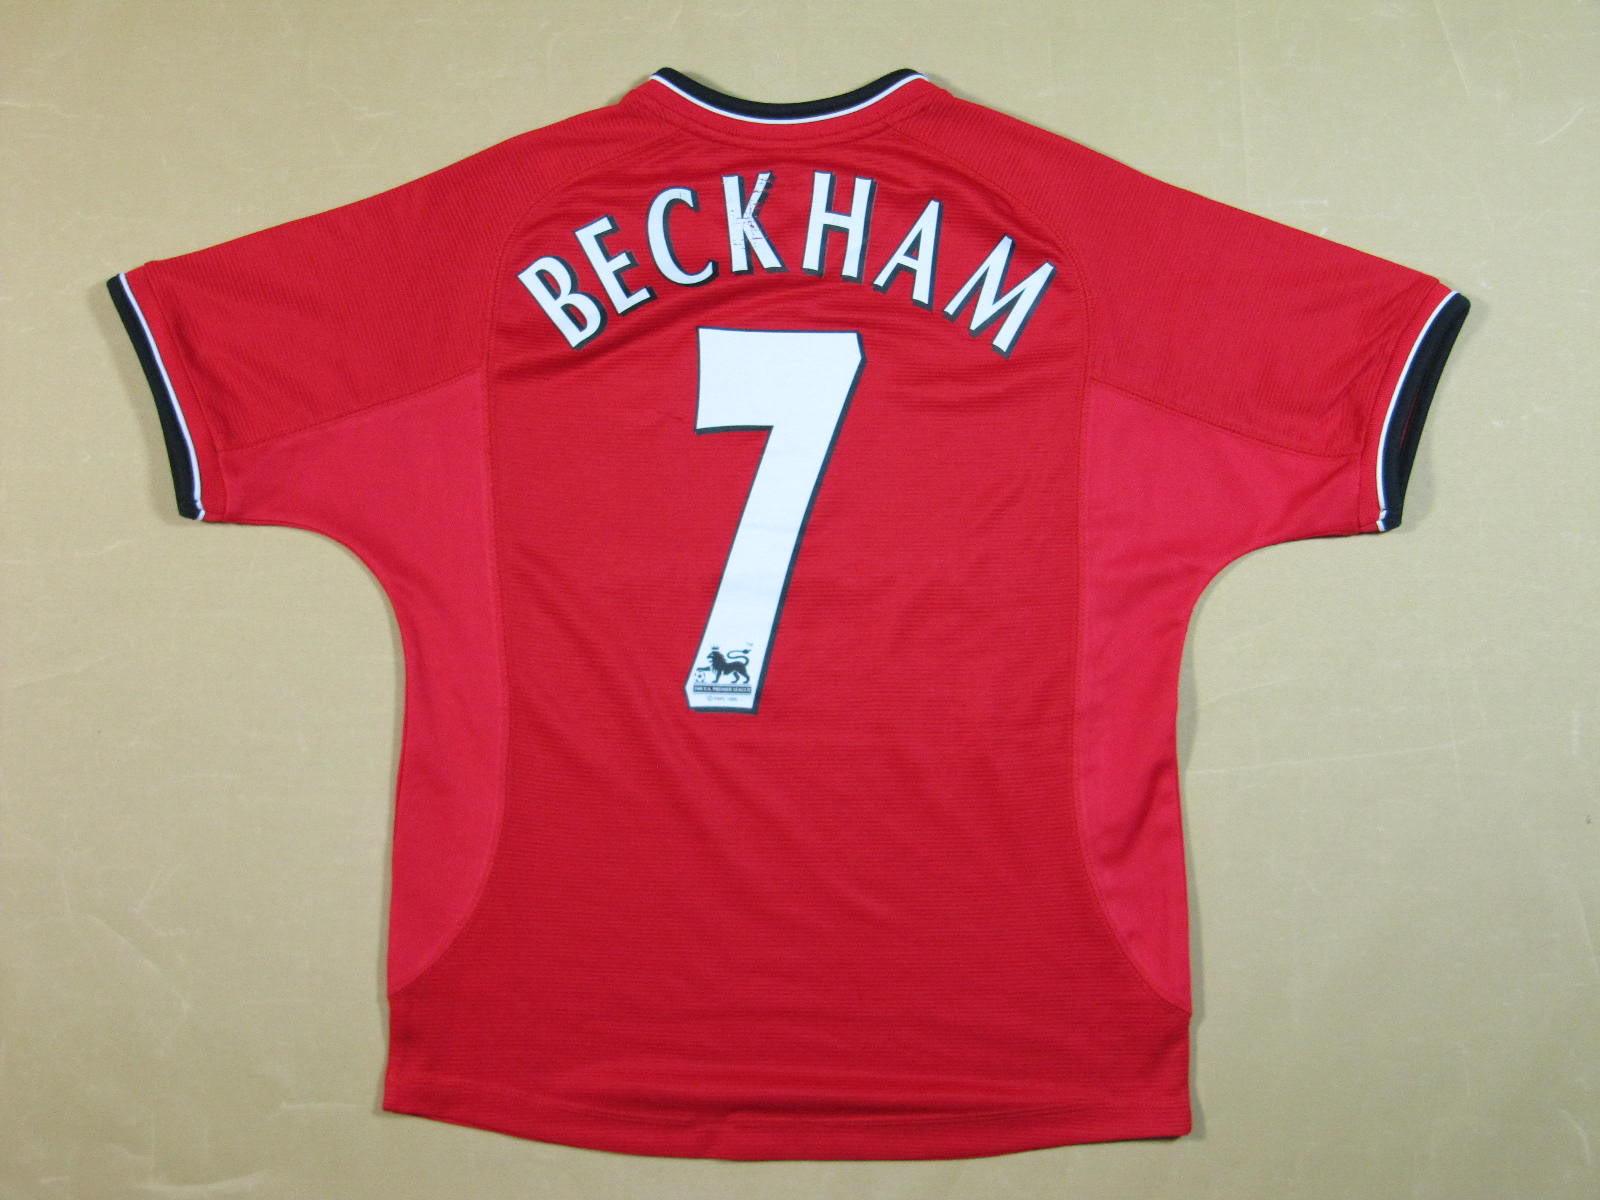 Manchester United 2000-2002 Jersey - David Beckham 7 ...